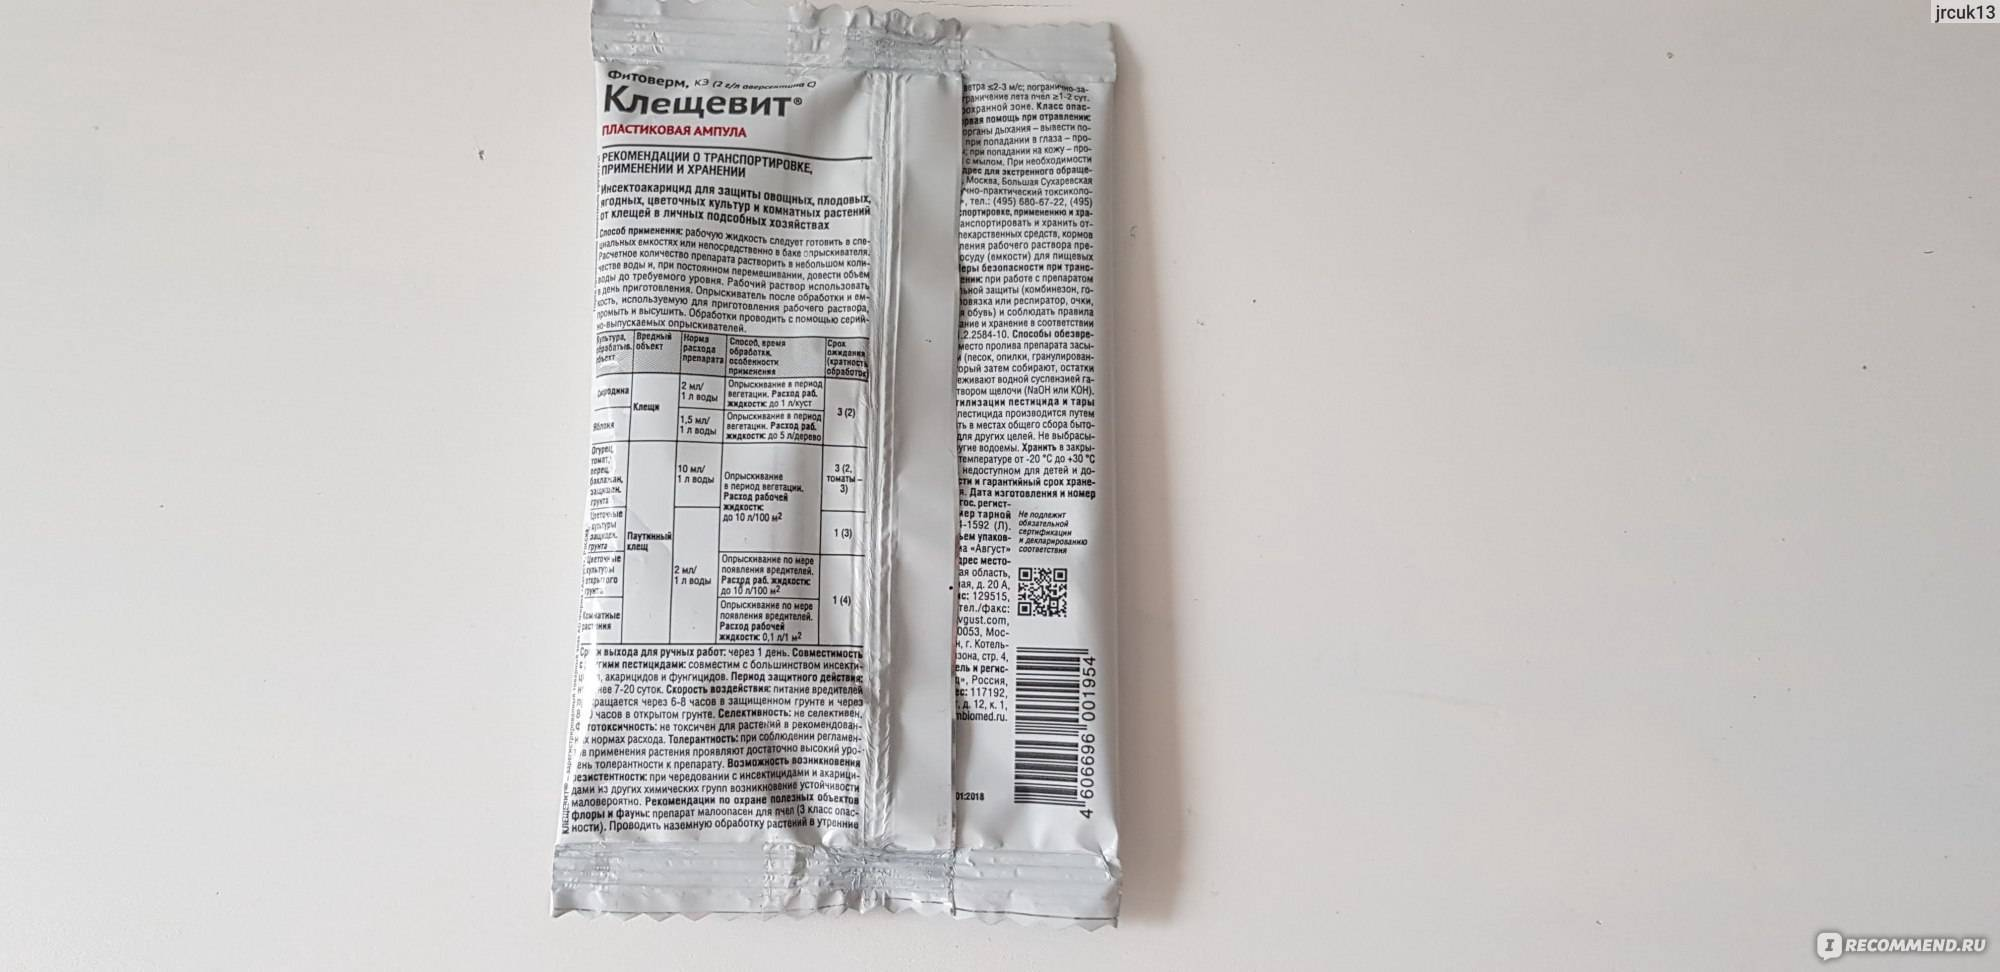 Клещевит (инсектоакарицид): различные виды препаратов и способы их применения